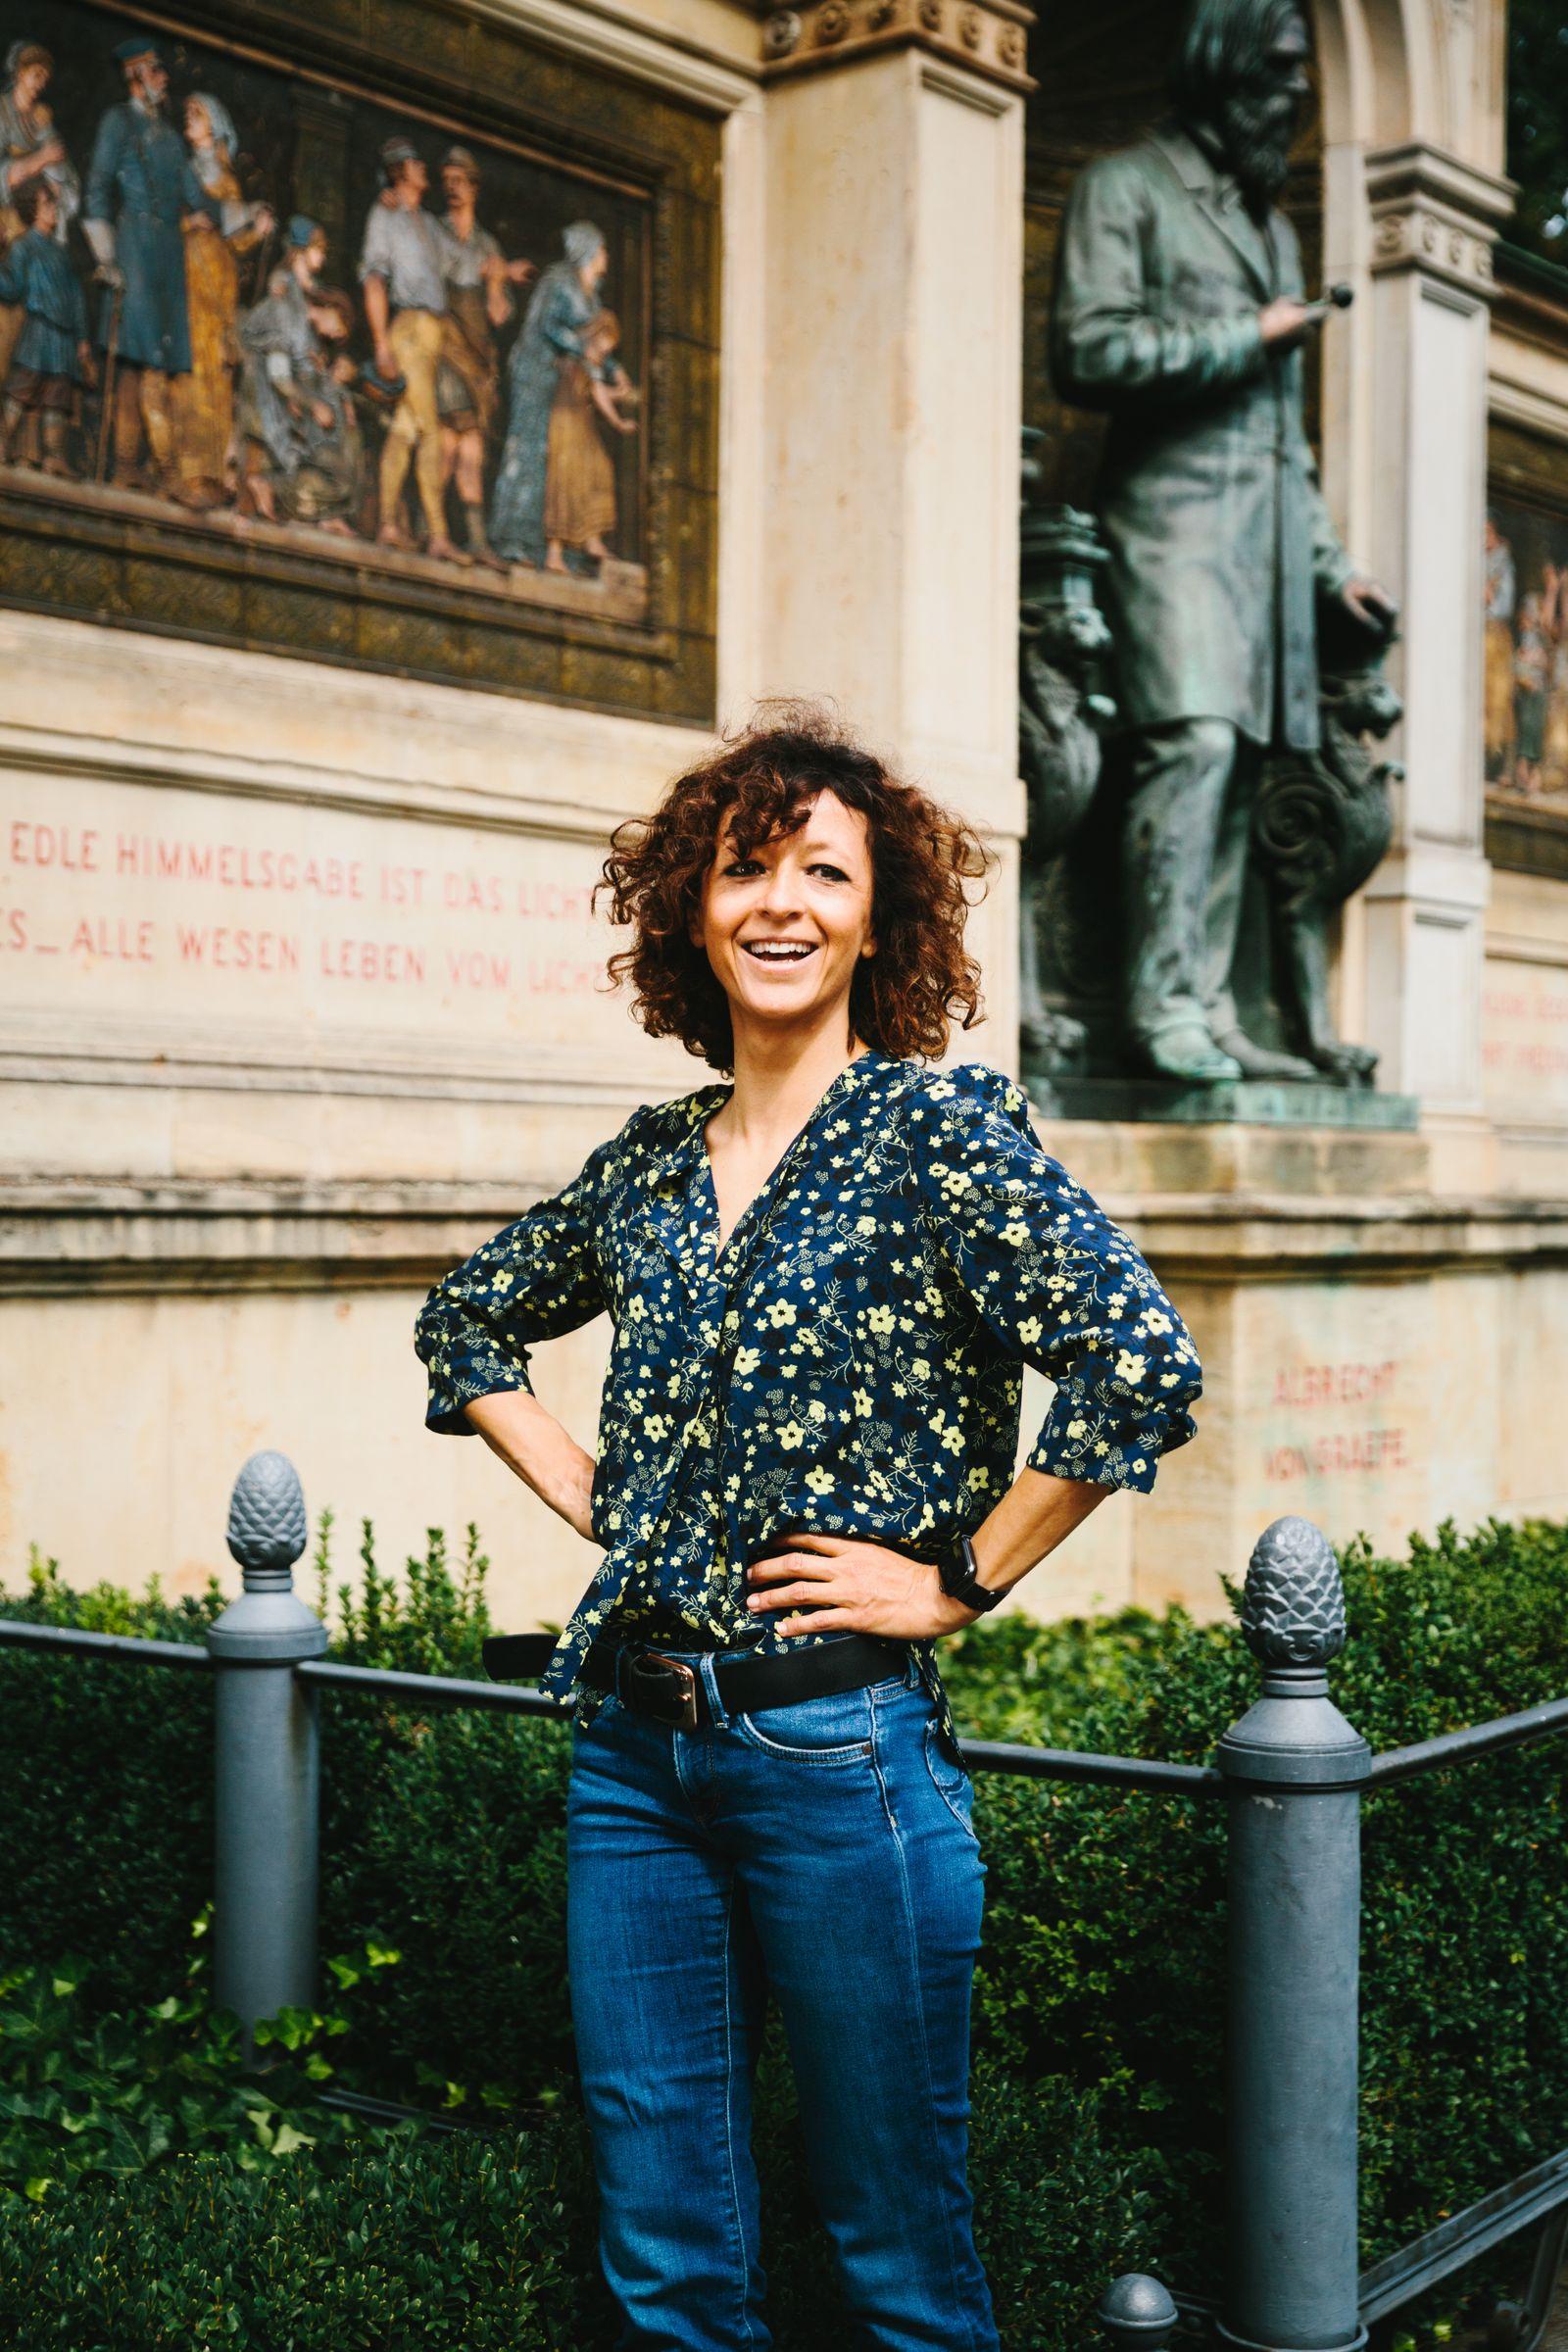 Emanuelle Charpentier (2020)